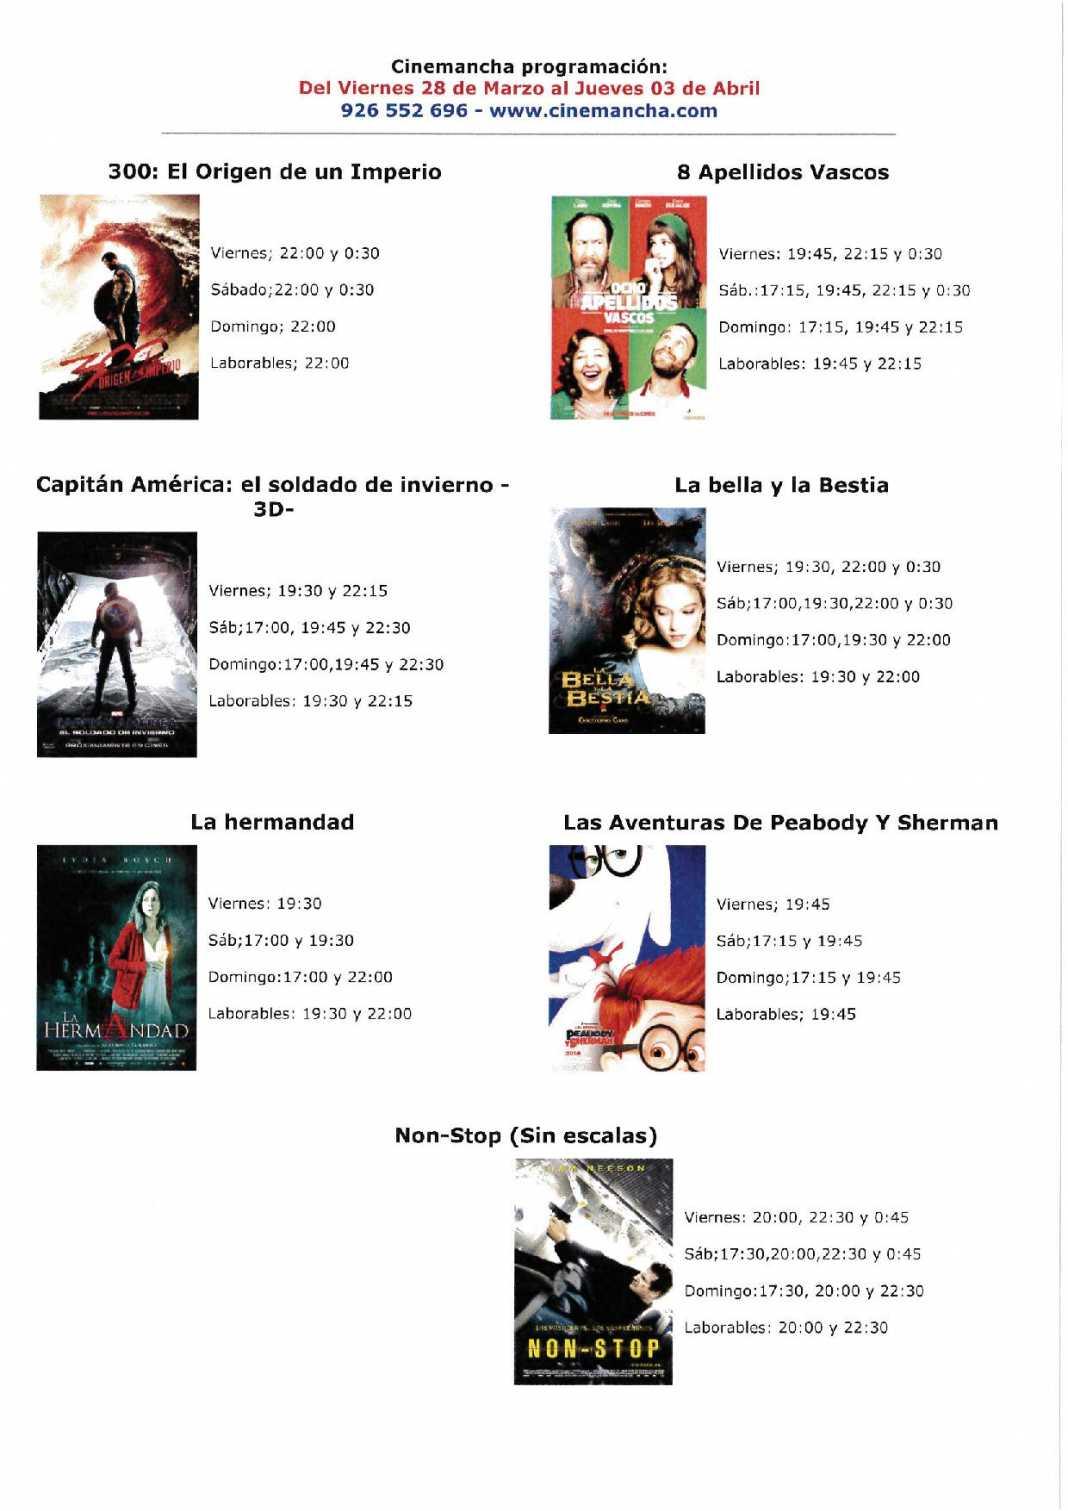 Programación Cinemancha del viernes 28 de marzo al jueves 3 de abril 1